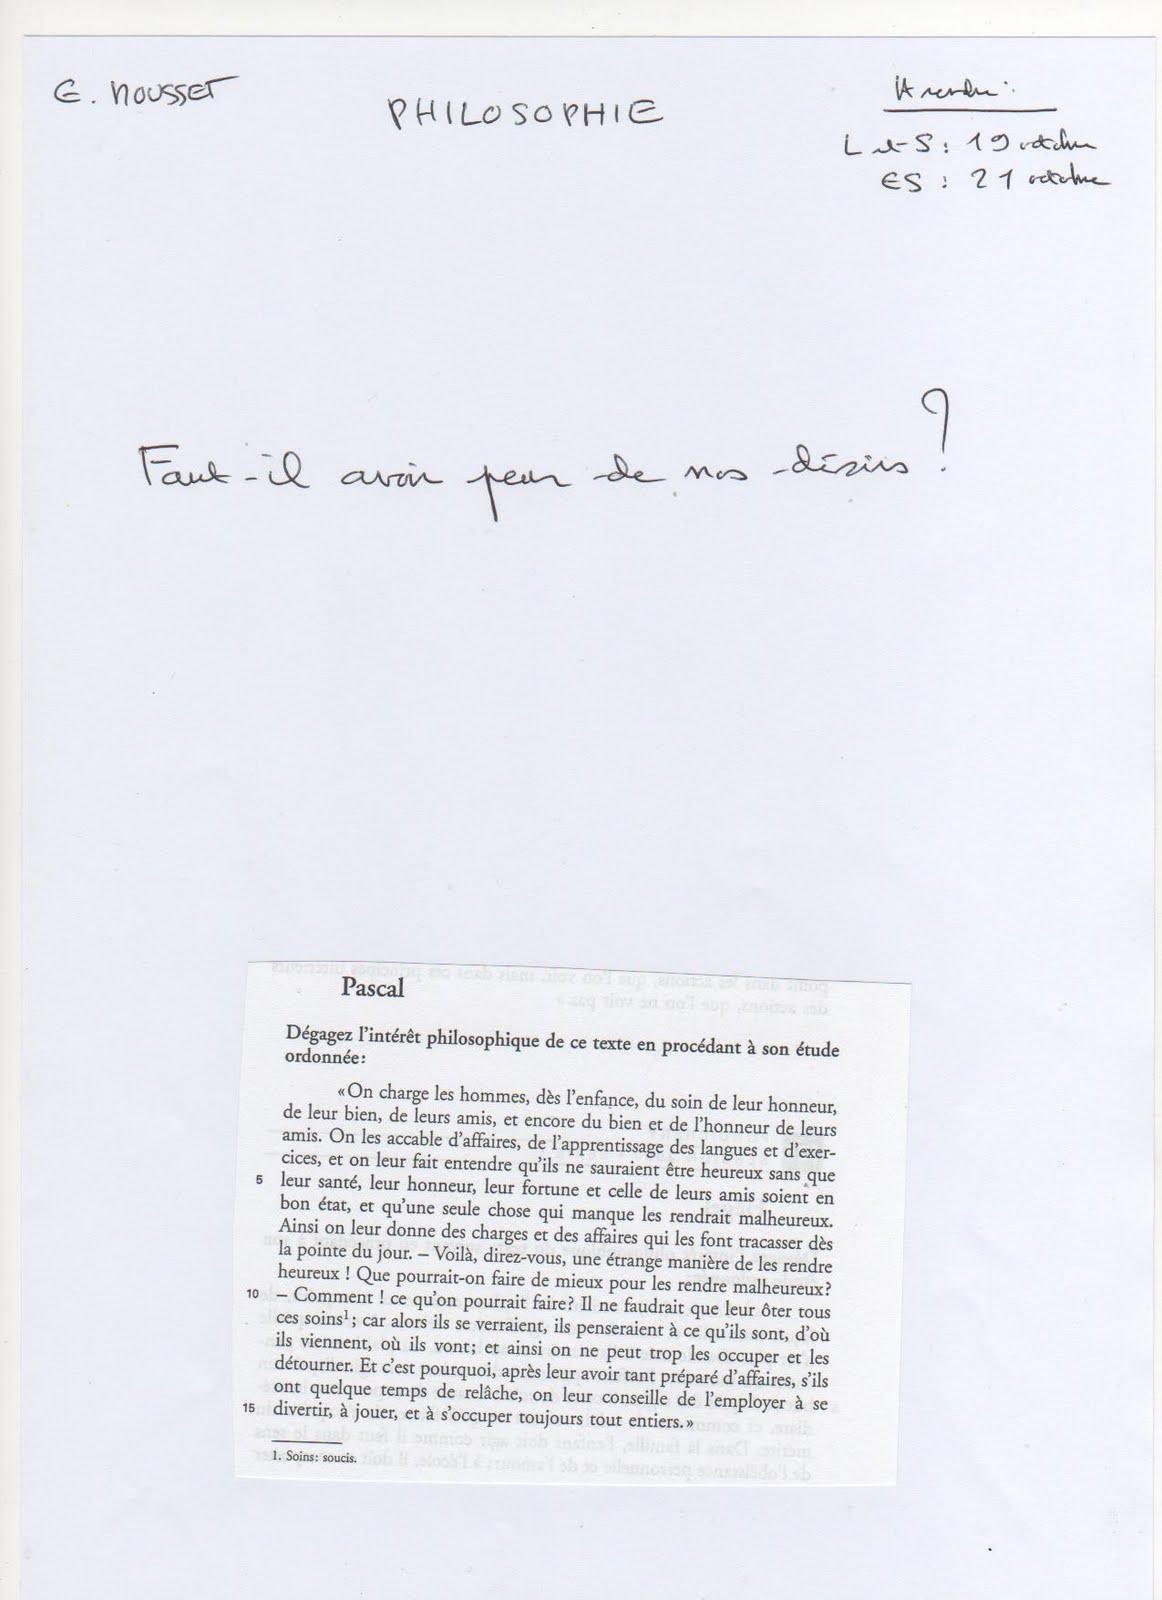 mthodologie de la dissertation en philosophie Acquisition dissertation dissertation en philosophie mthodologie cheap non plagiarized papers essay on my grandmother biosketch.